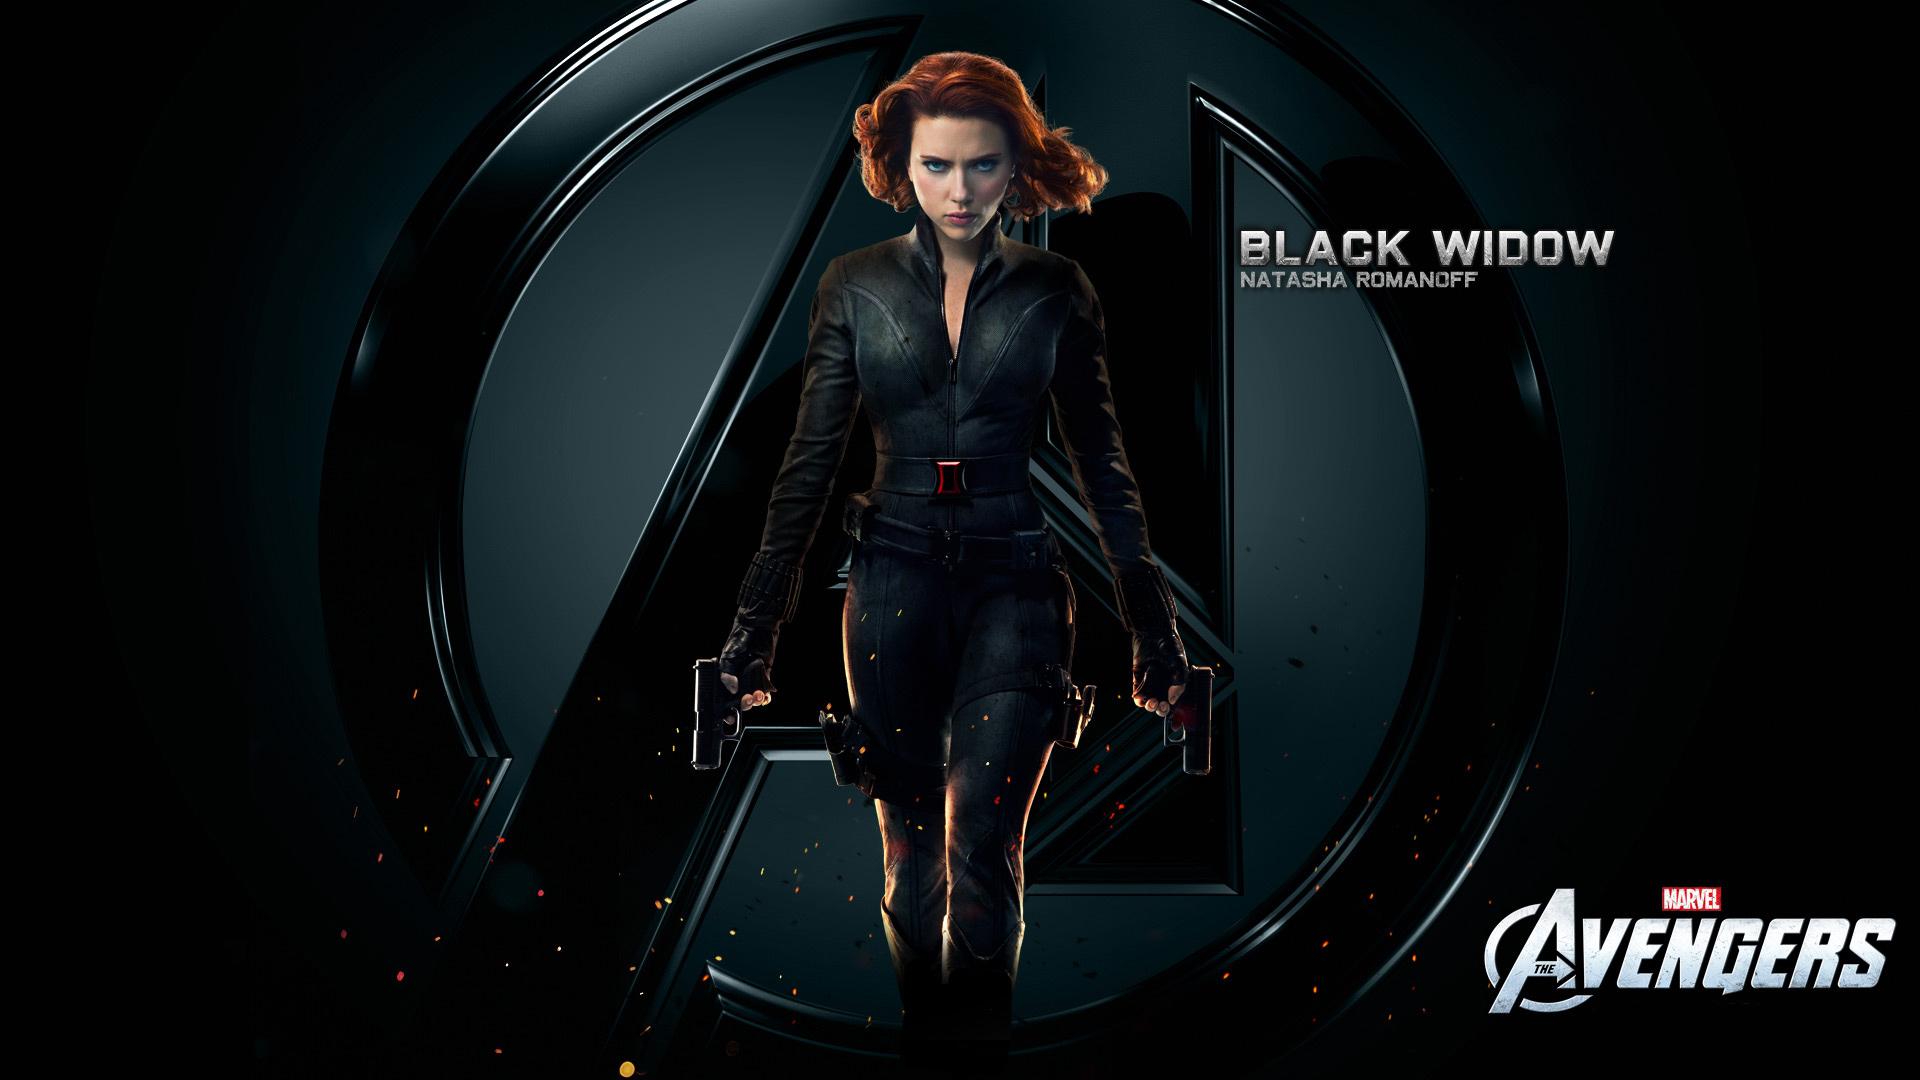 46] Black Widow HD Wallpaper on WallpaperSafari 1920x1080